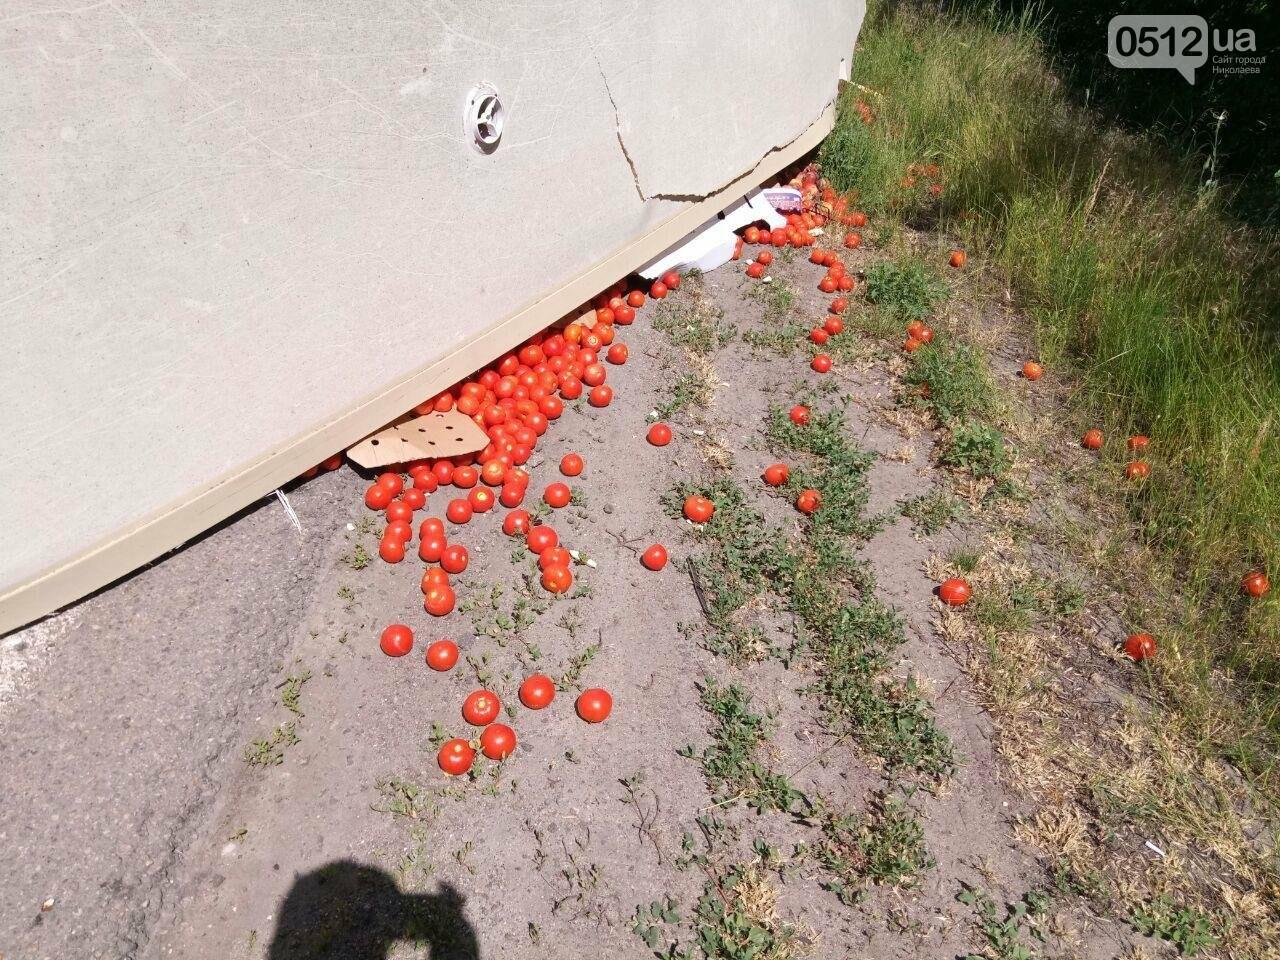 На трассе под Николаевом перевернулся грузовик с томатами, - ФОТО , фото-1